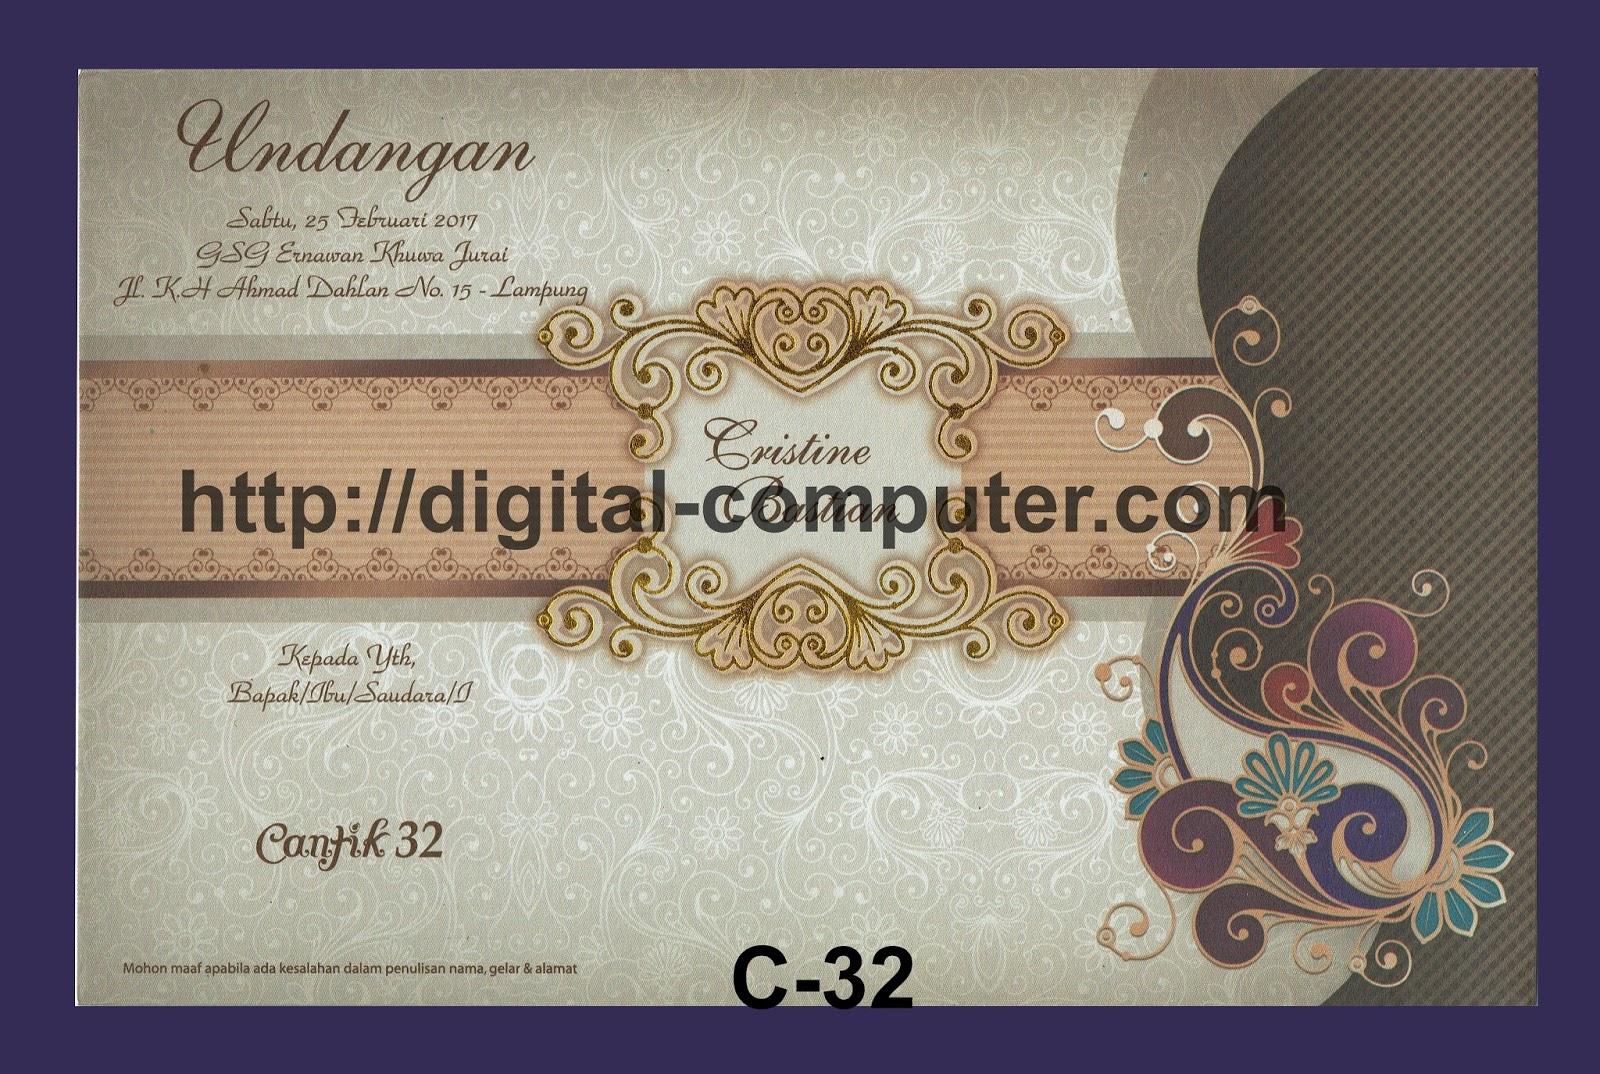 Undangan Softcover Cantik C-32